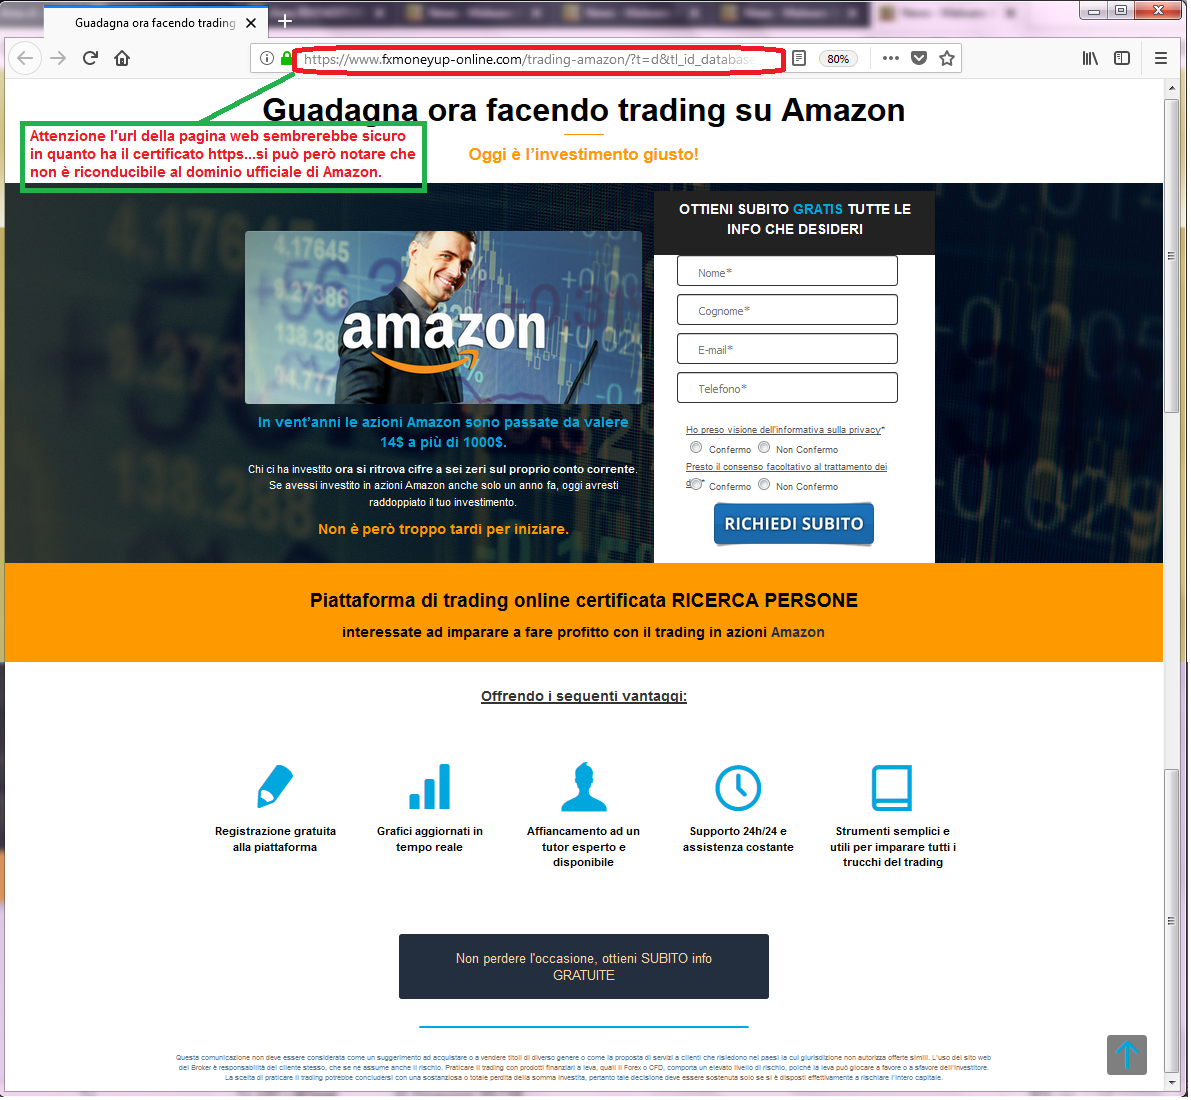 Clicca per ingrandire l'immagine del FALSO sito internet di AMAZON, che cerca di indurre il ricevente a cliccare sui link per rubare dati sensibili